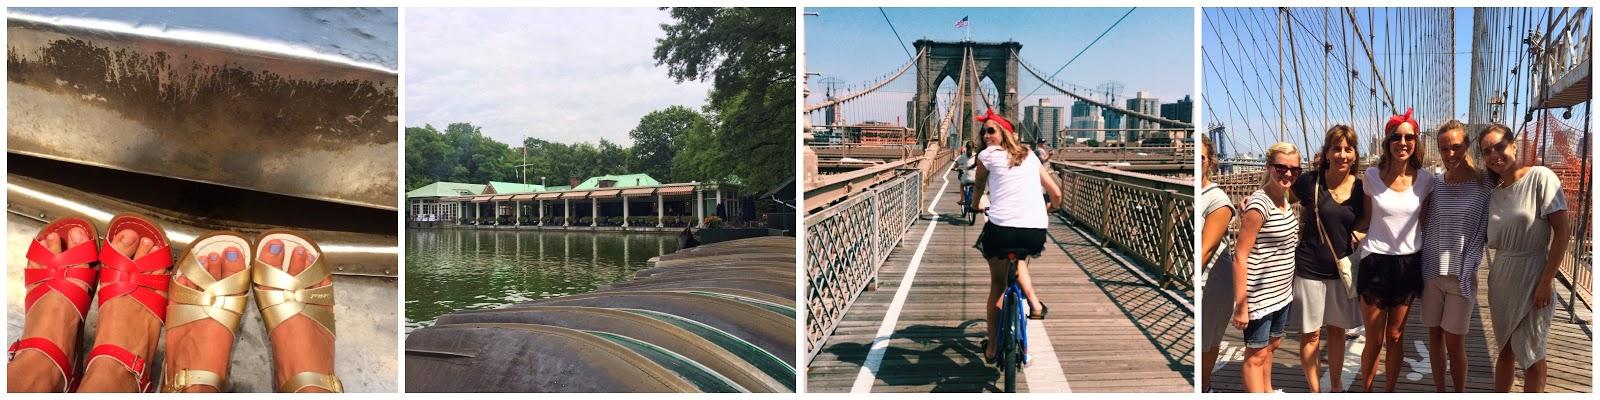 Brooklyn Bridge, Row Boats, Bikes